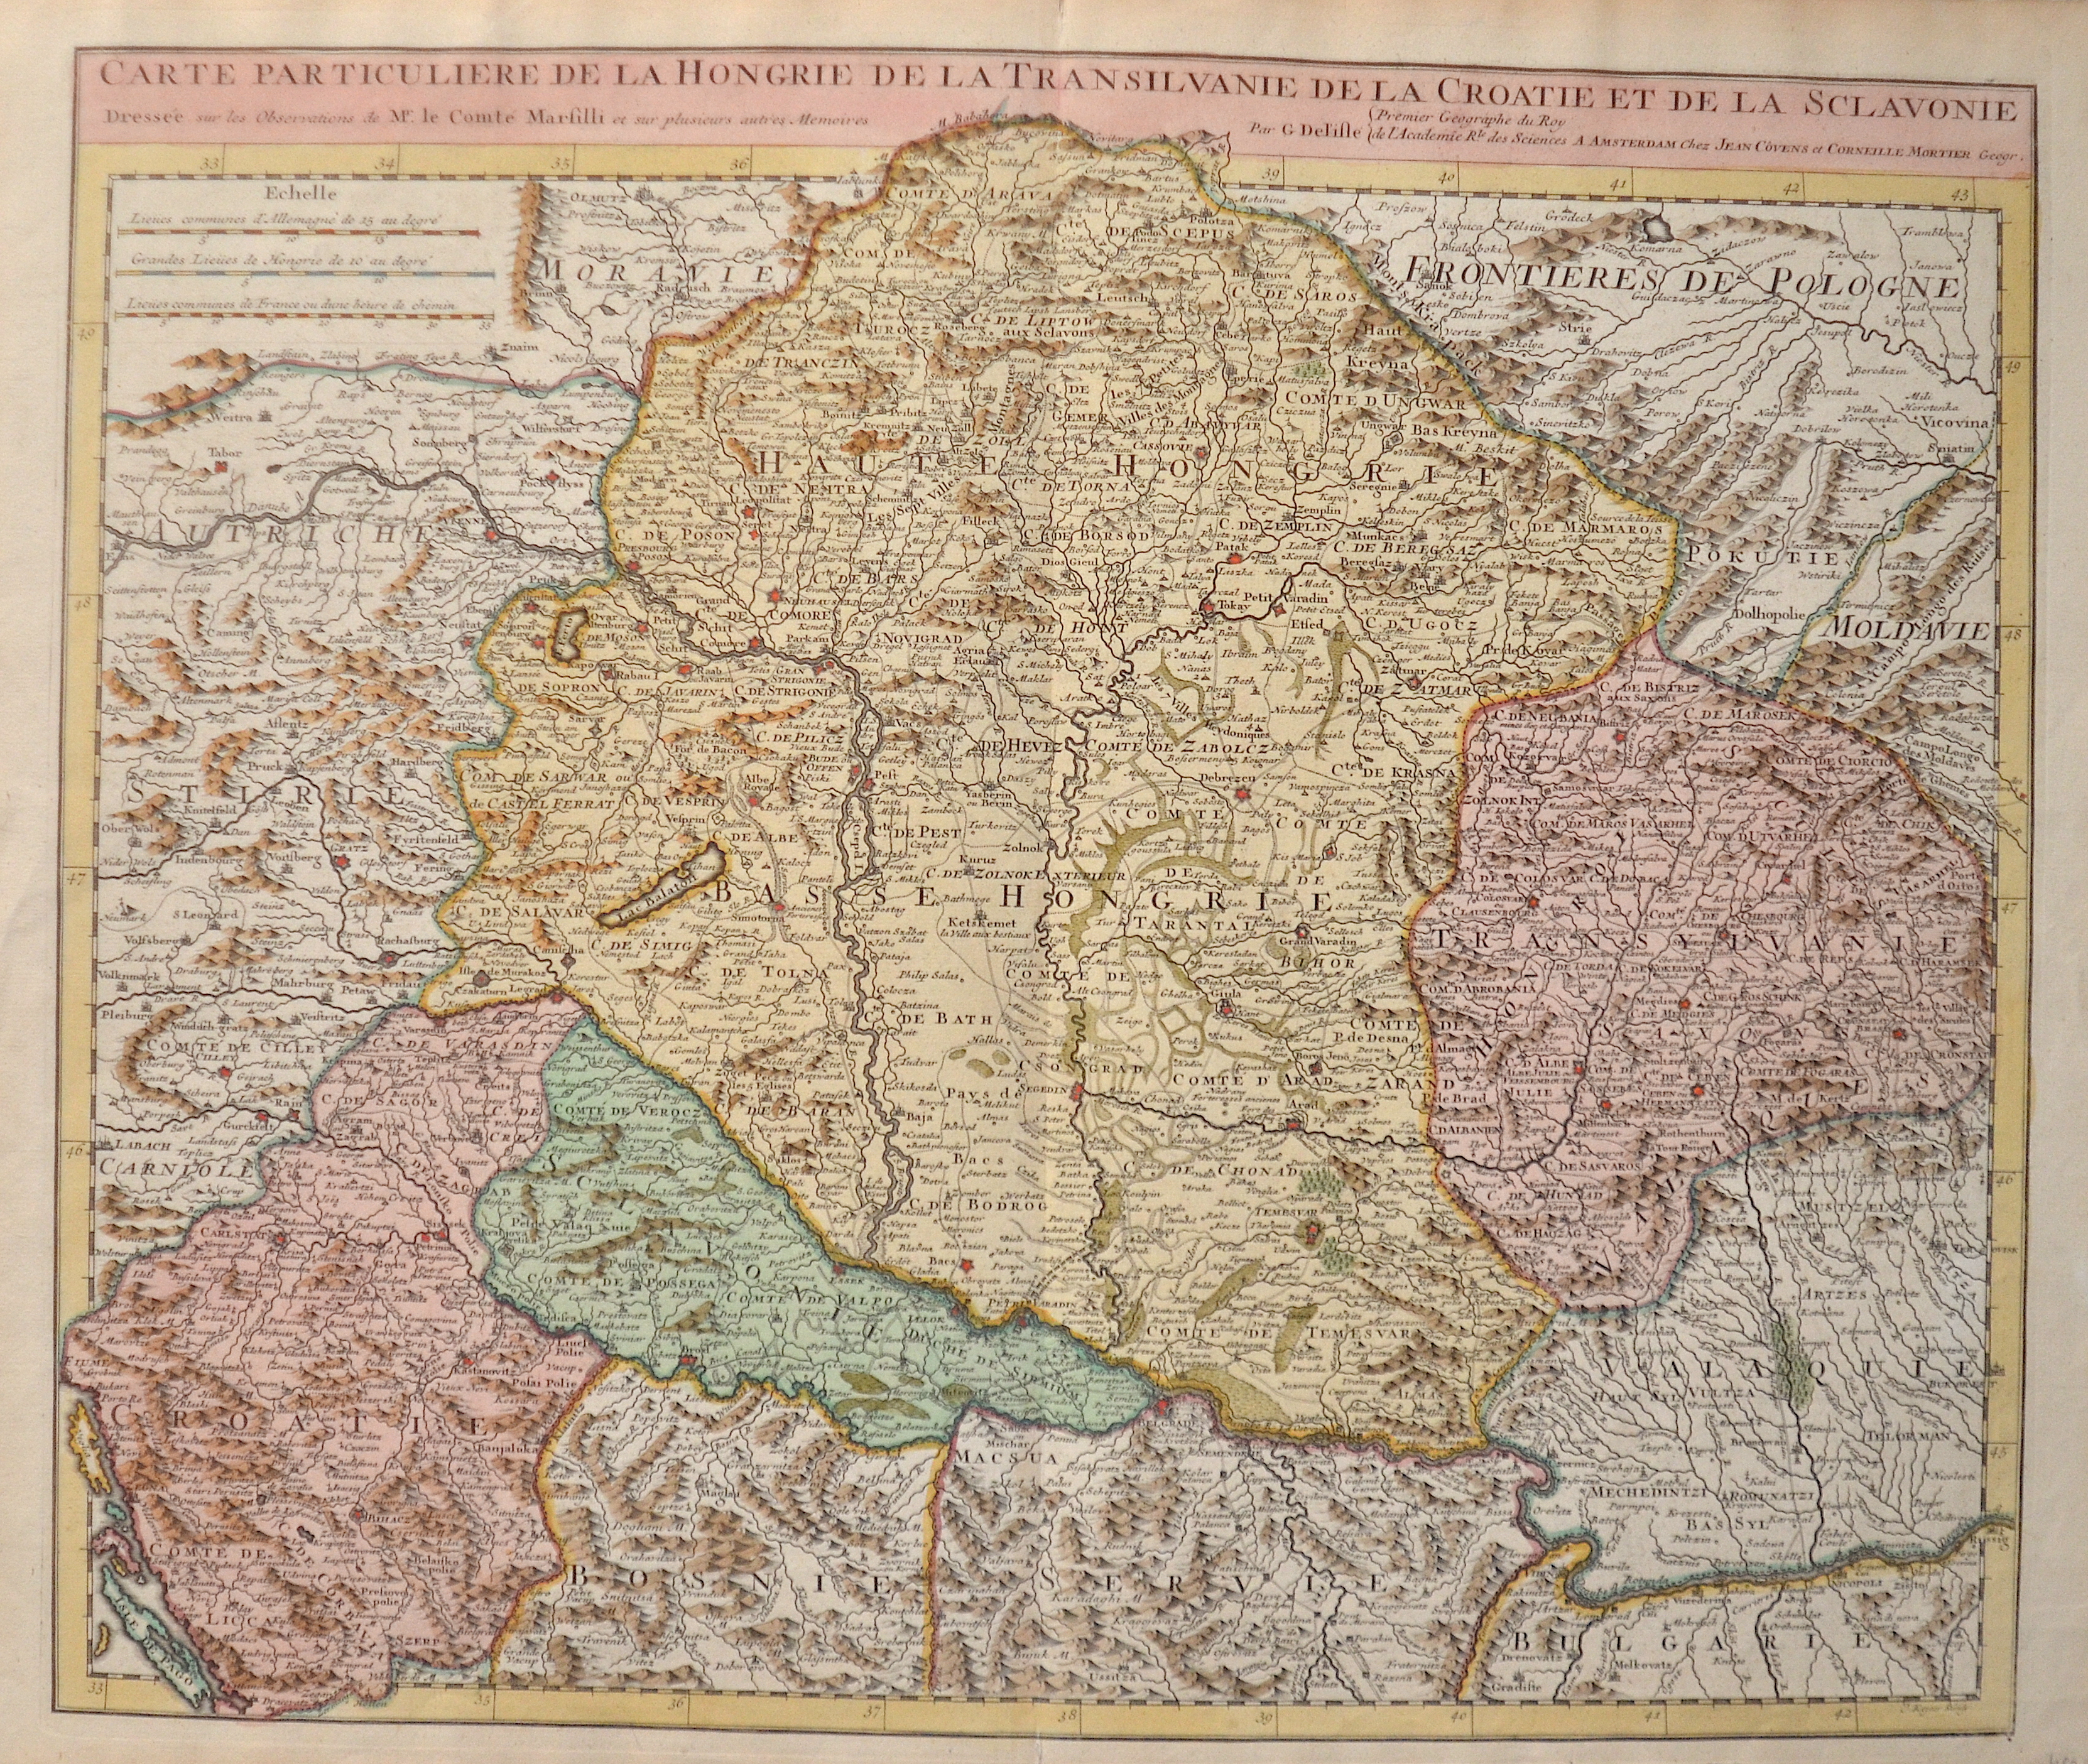 Covens/ Mortier Jean/ Corneille Carte particuliere de la Hongrie de la Transilvanie de la Coratie et de la Sclavonie